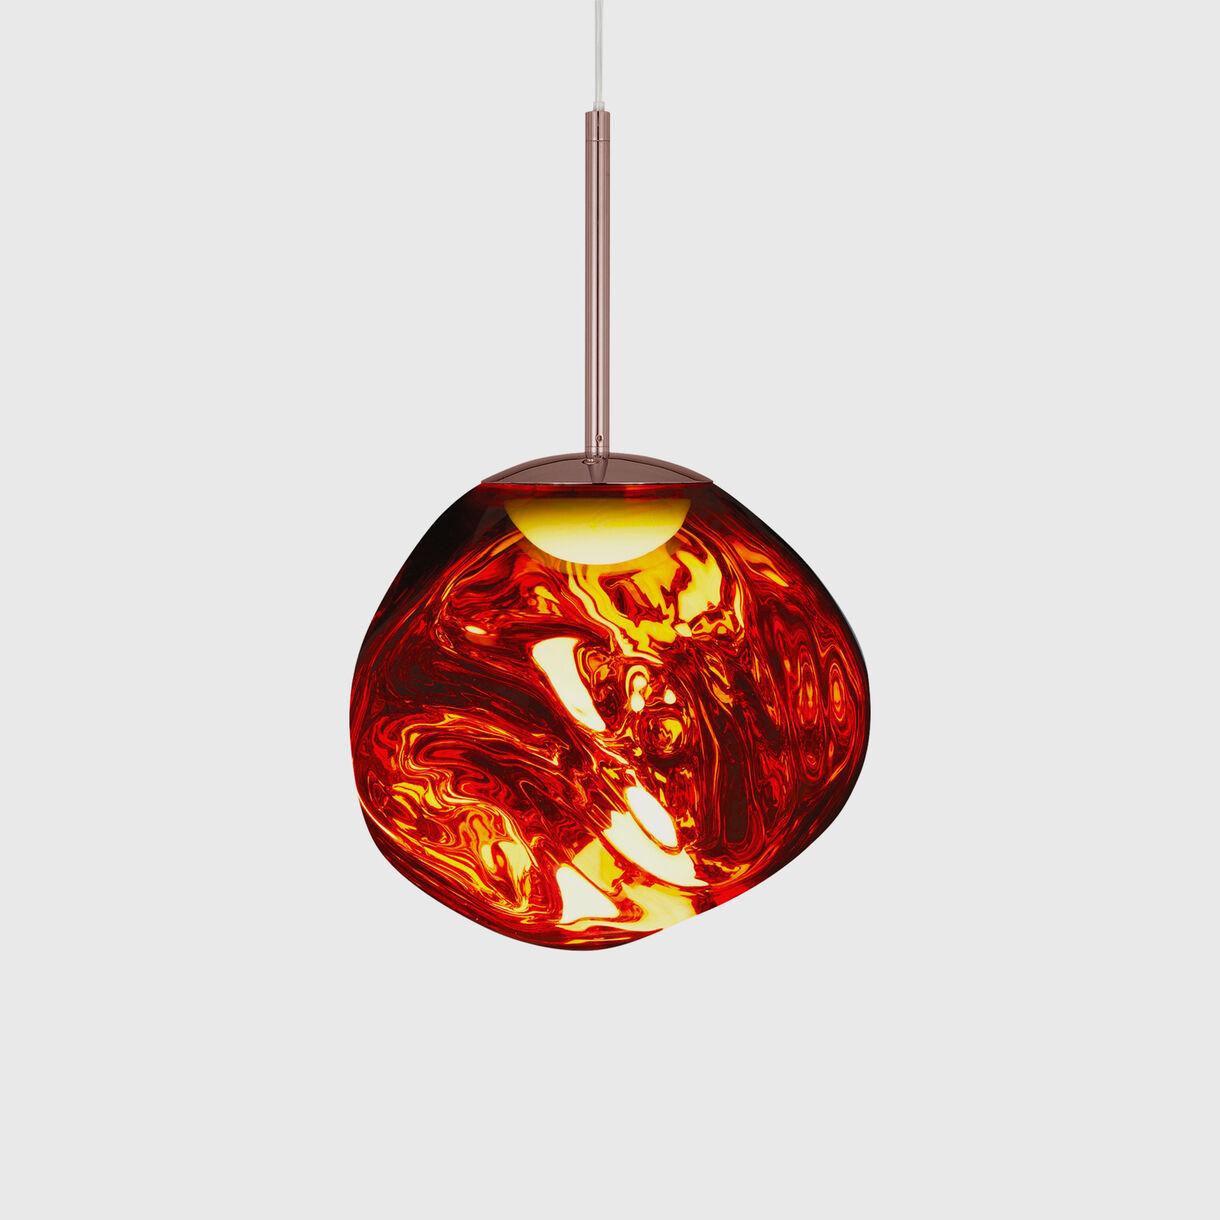 Melt Mini Pendant LED, Copper, On